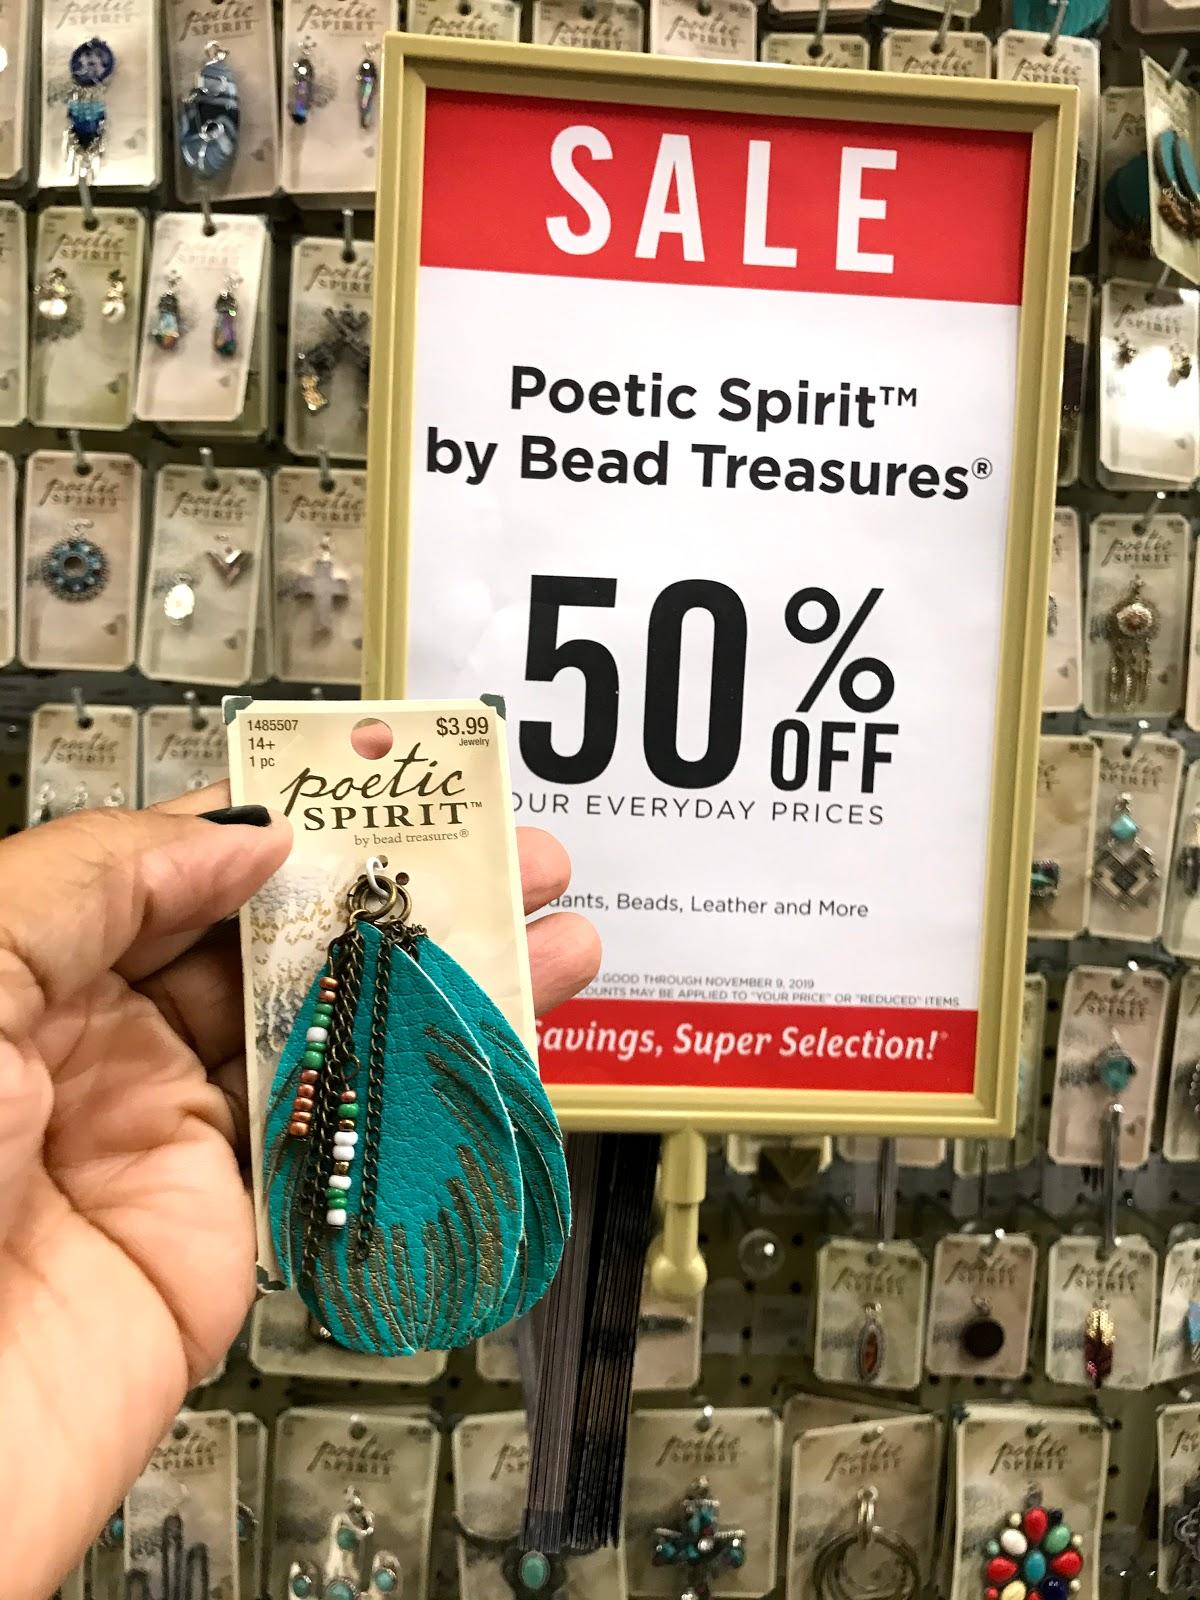 Turquoise poetic spirit earrings on sale at Hobby Lobby